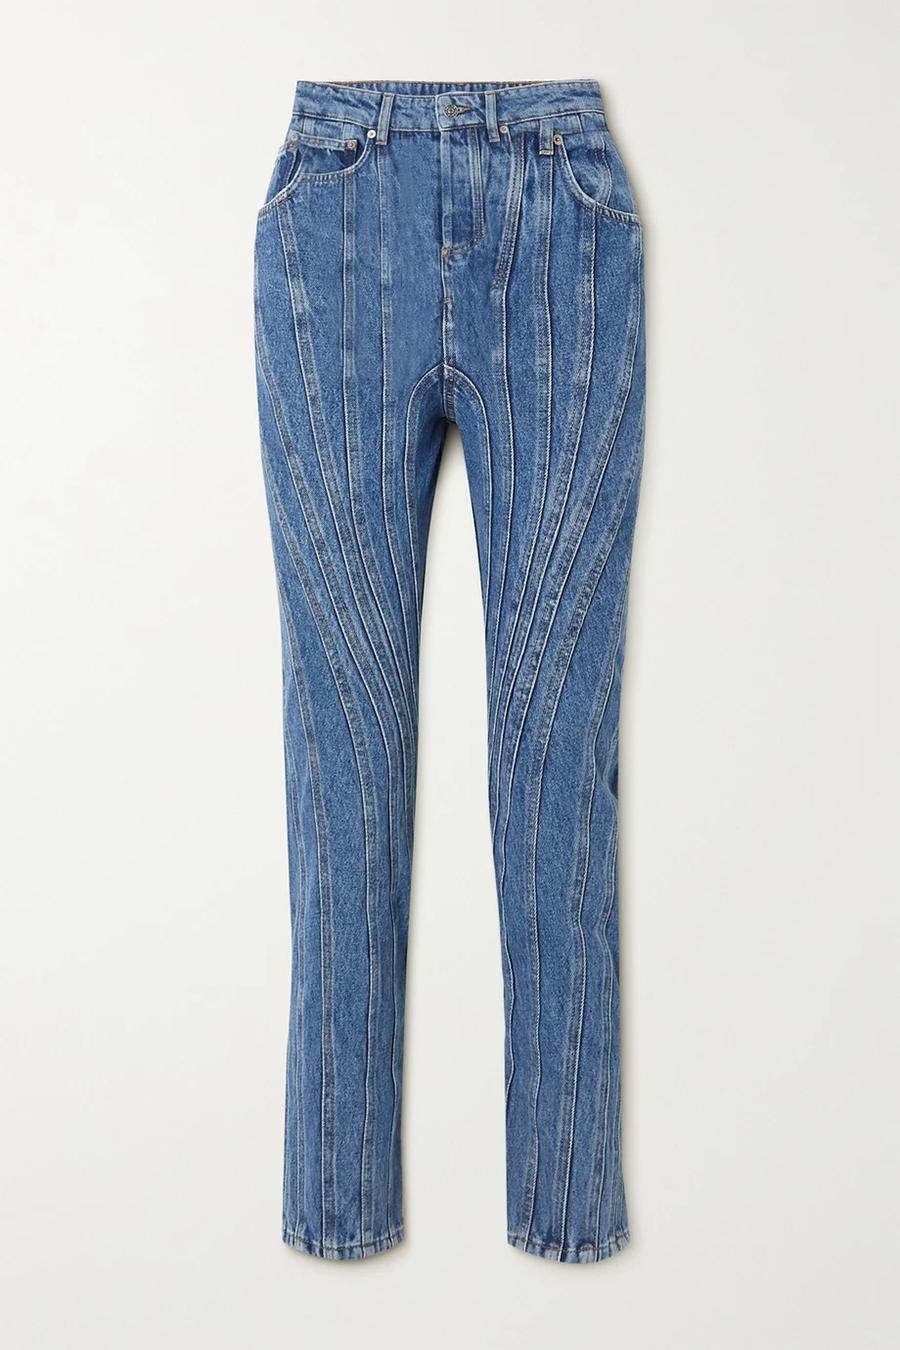 модные джинсы осень 2020 с декоративной строчкой